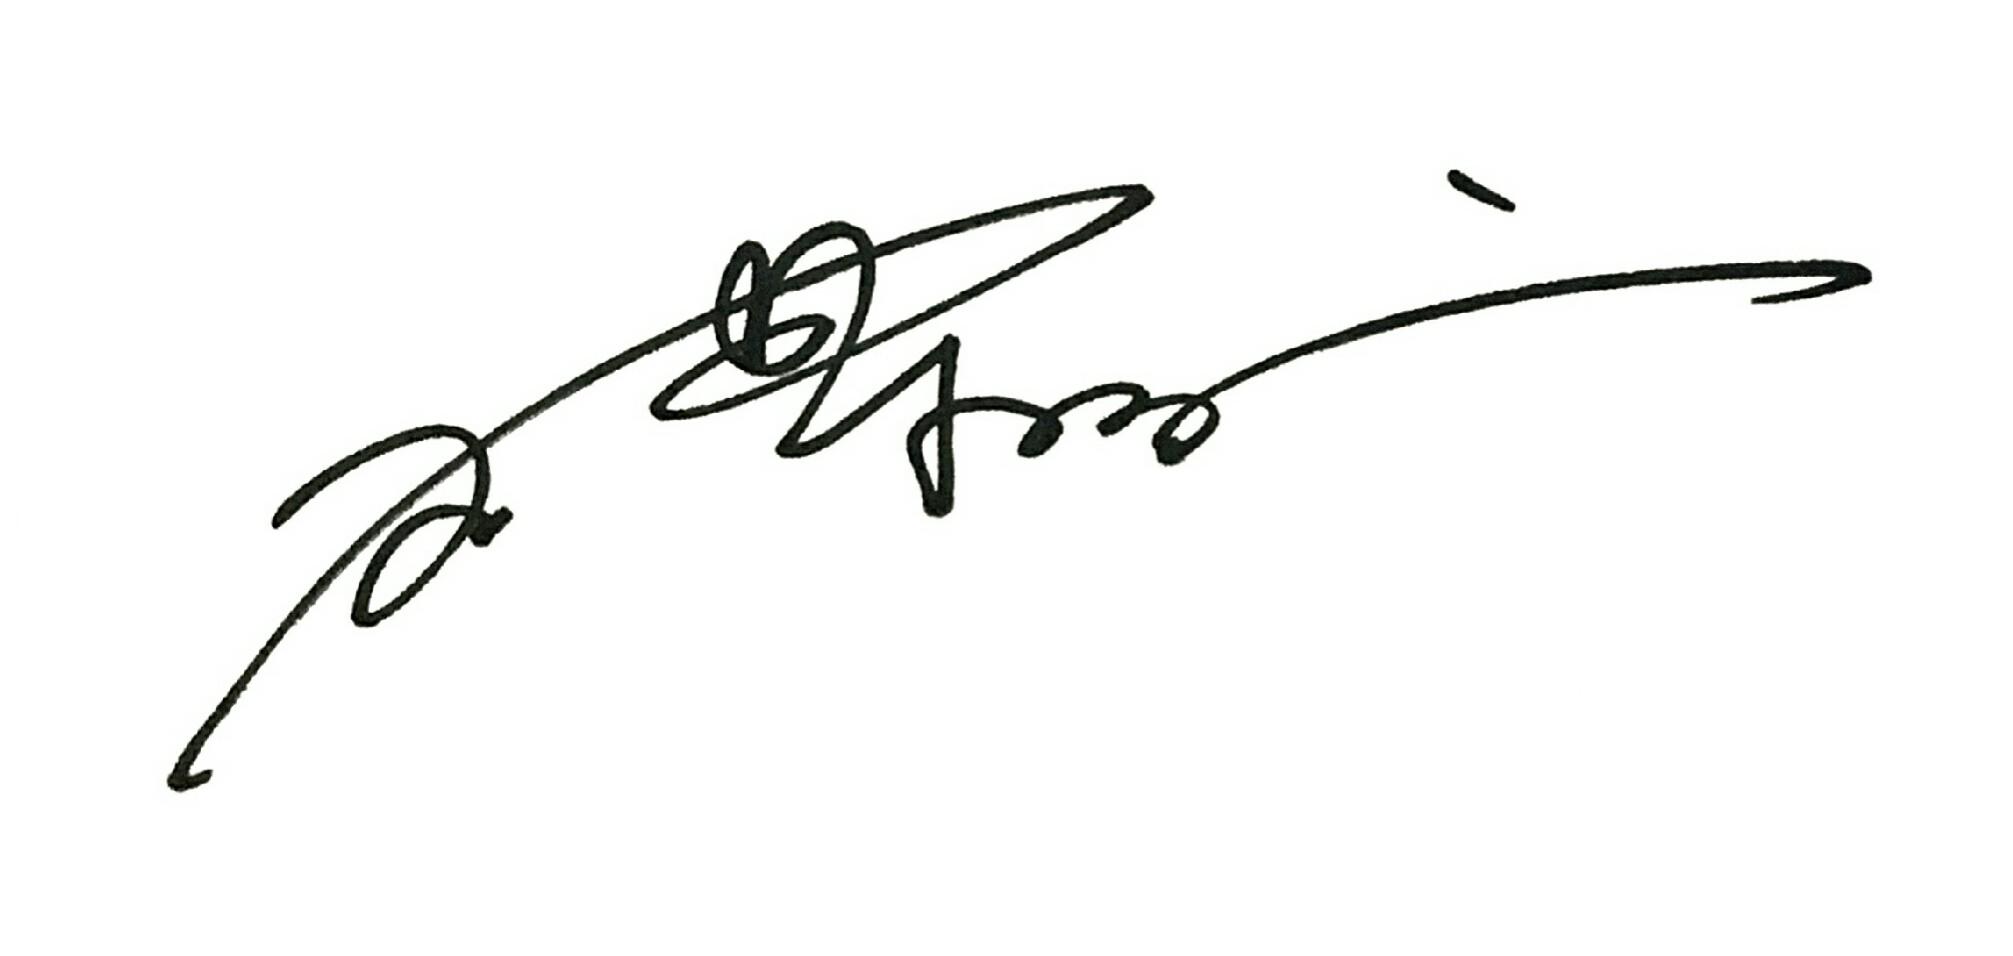 File:Signature.